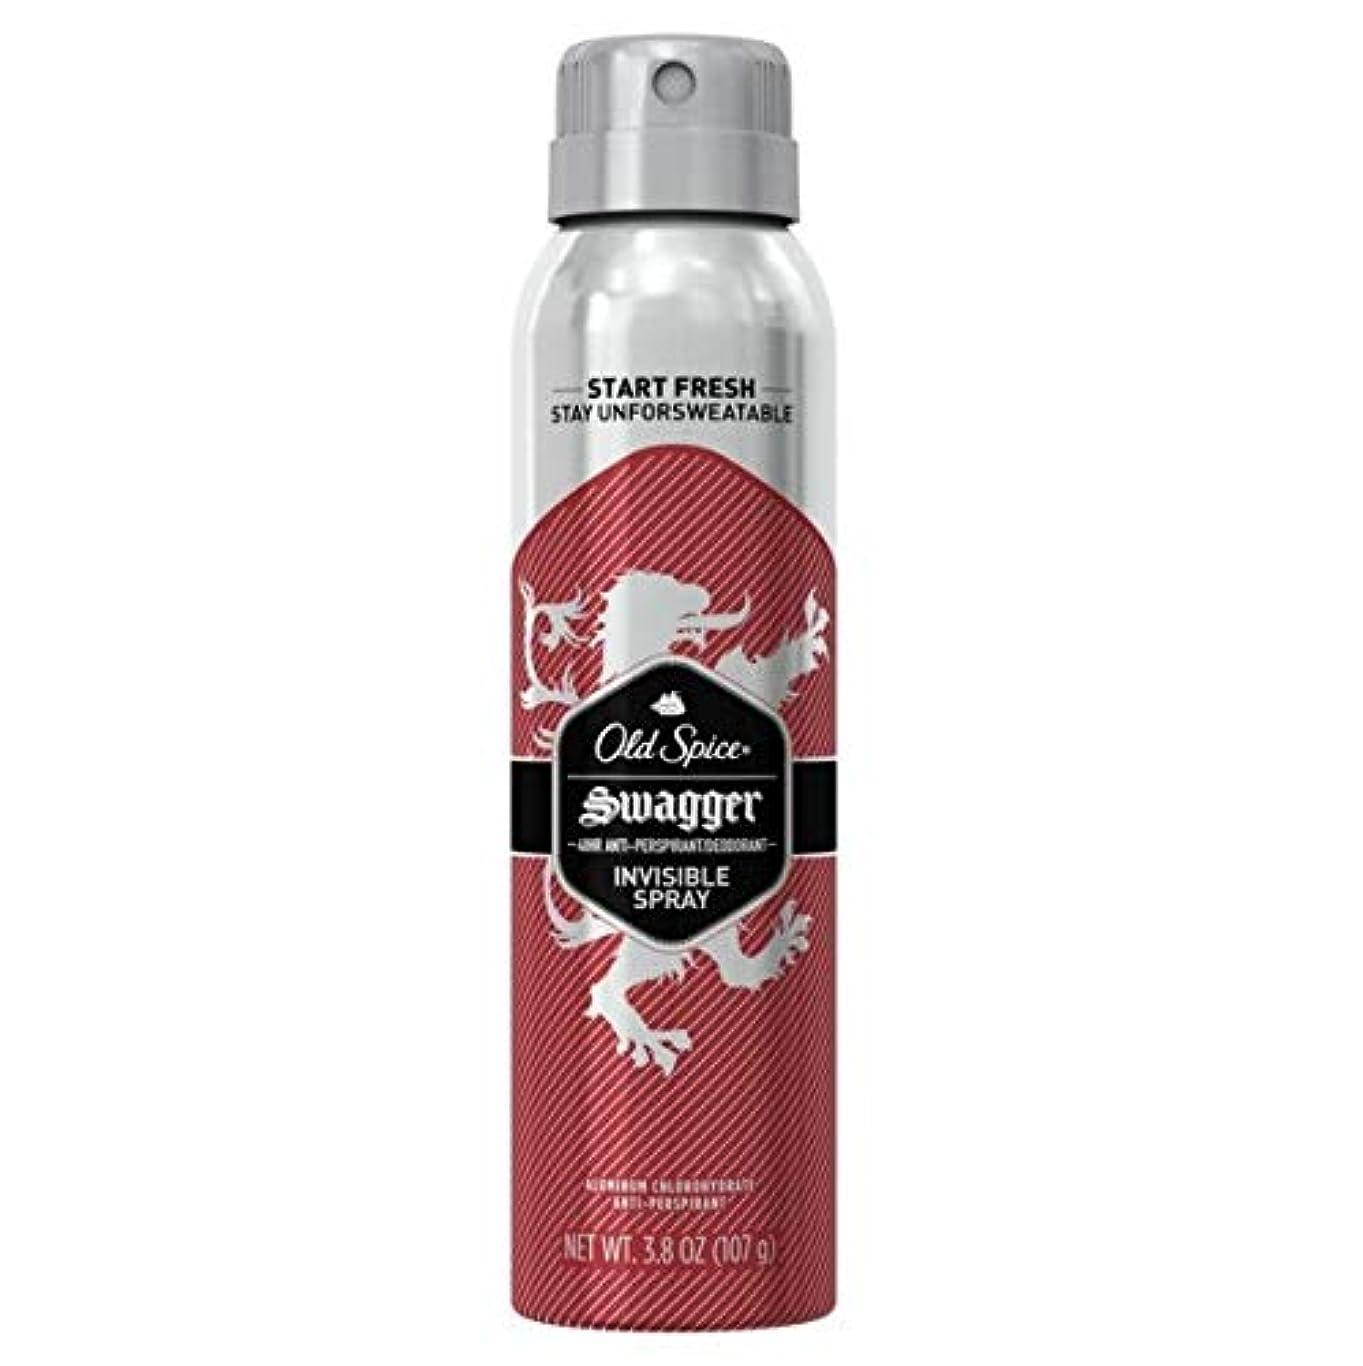 哲学ランタン川Old Spice Swagger Invisible Spray Antiperspirant and Deodorant - 3.8oz オールドスパイス インビジブルスプレー スワッガー 107g [並行輸入品]